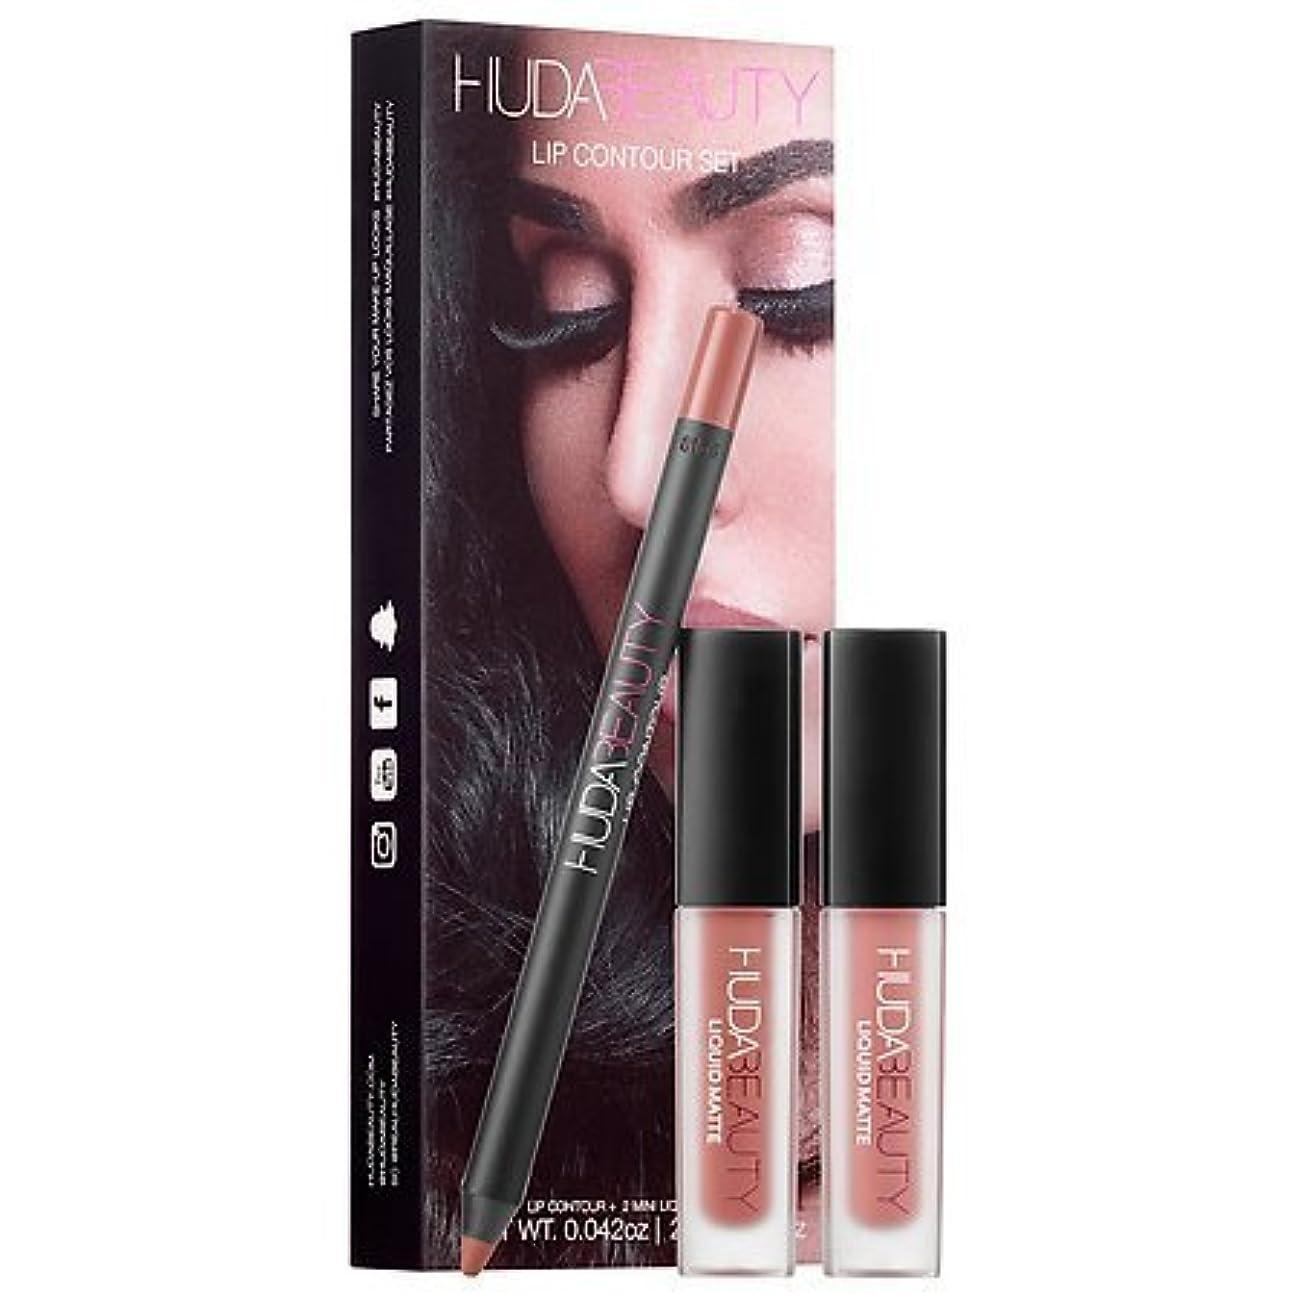 専門知識涙が出る完璧Huda Beauty Lip Contour Set - Trendsetter (brown nude) & Bombshell (subtle pinkish nude) [並行輸入品]